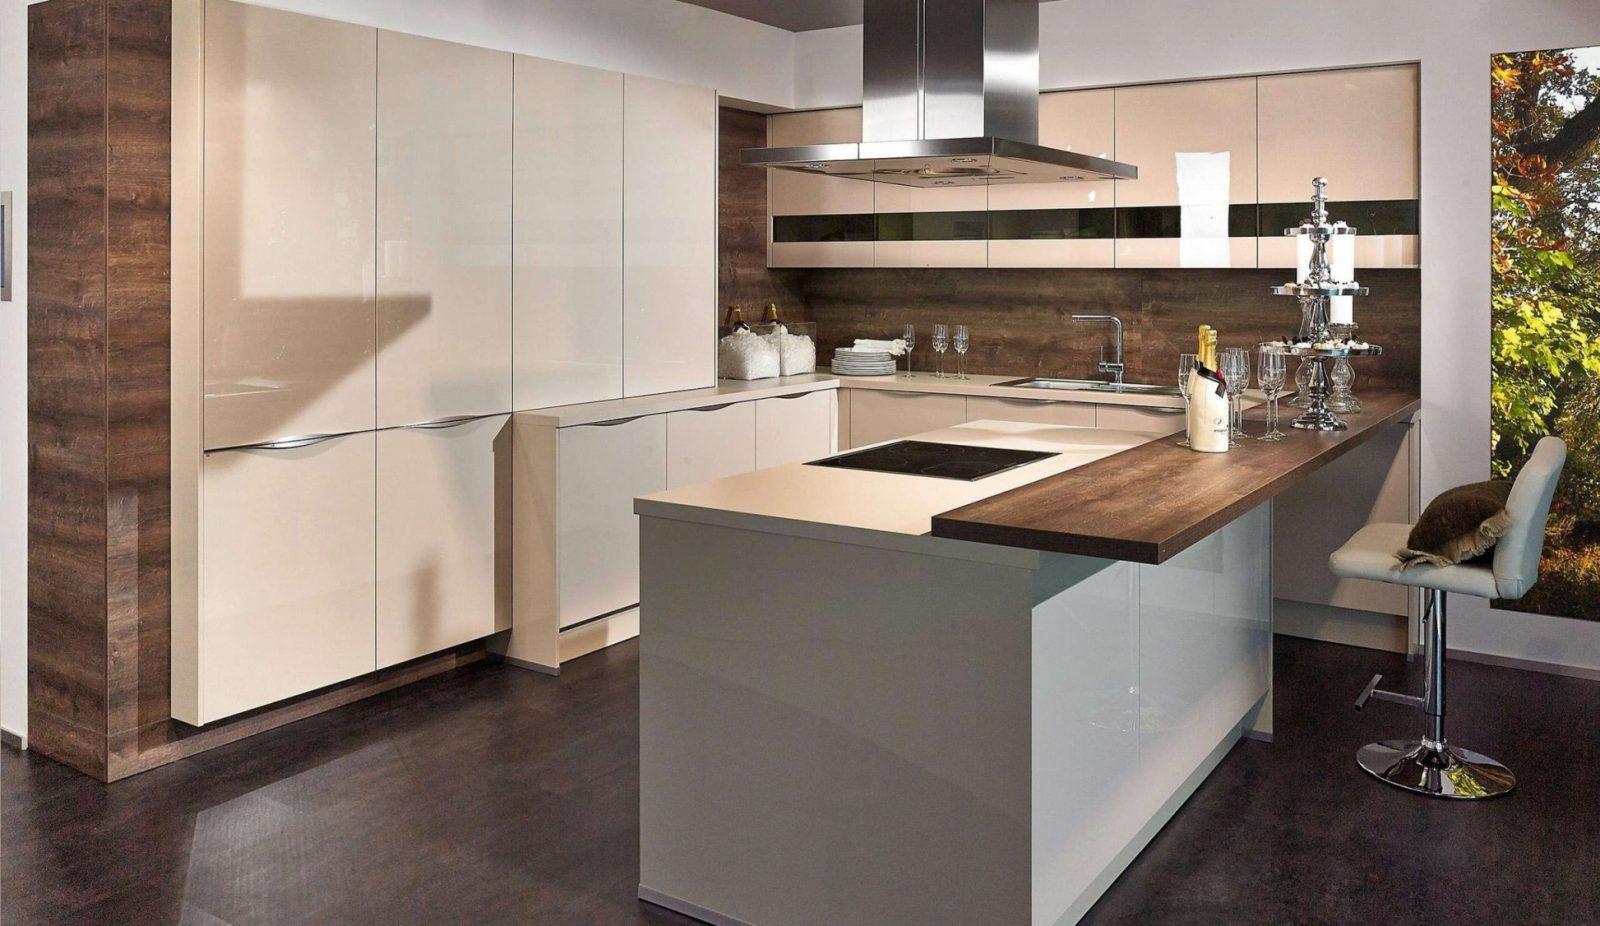 Ikea Kinderküche Pimpen — Temobardz Home Blog von Ikea Küche Faktum Landhaus Bild